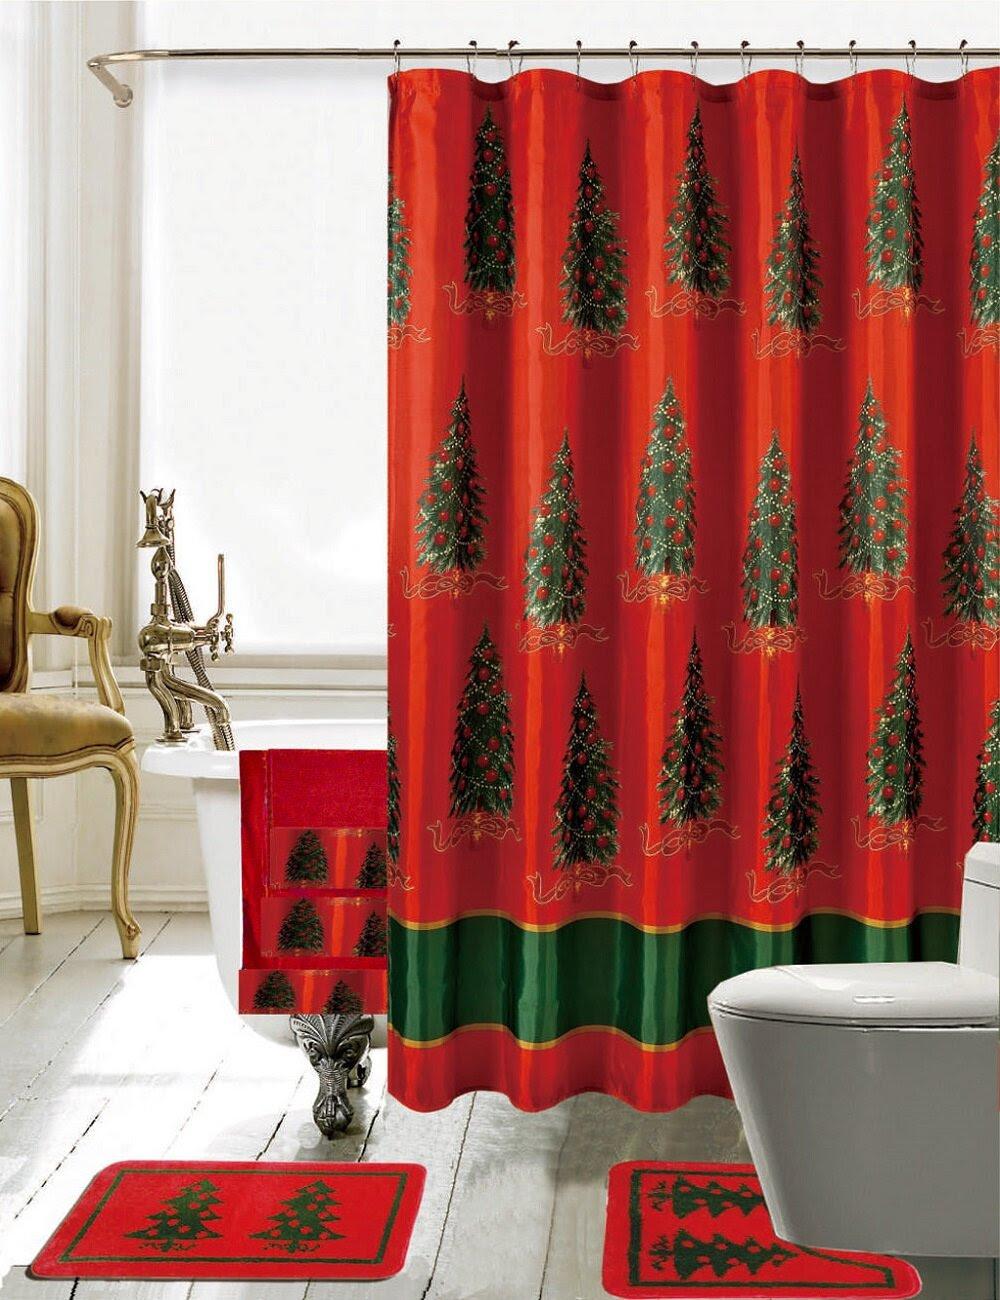 Daniels Bath Christmas Bathroom Decor 18 Piece Shower ...